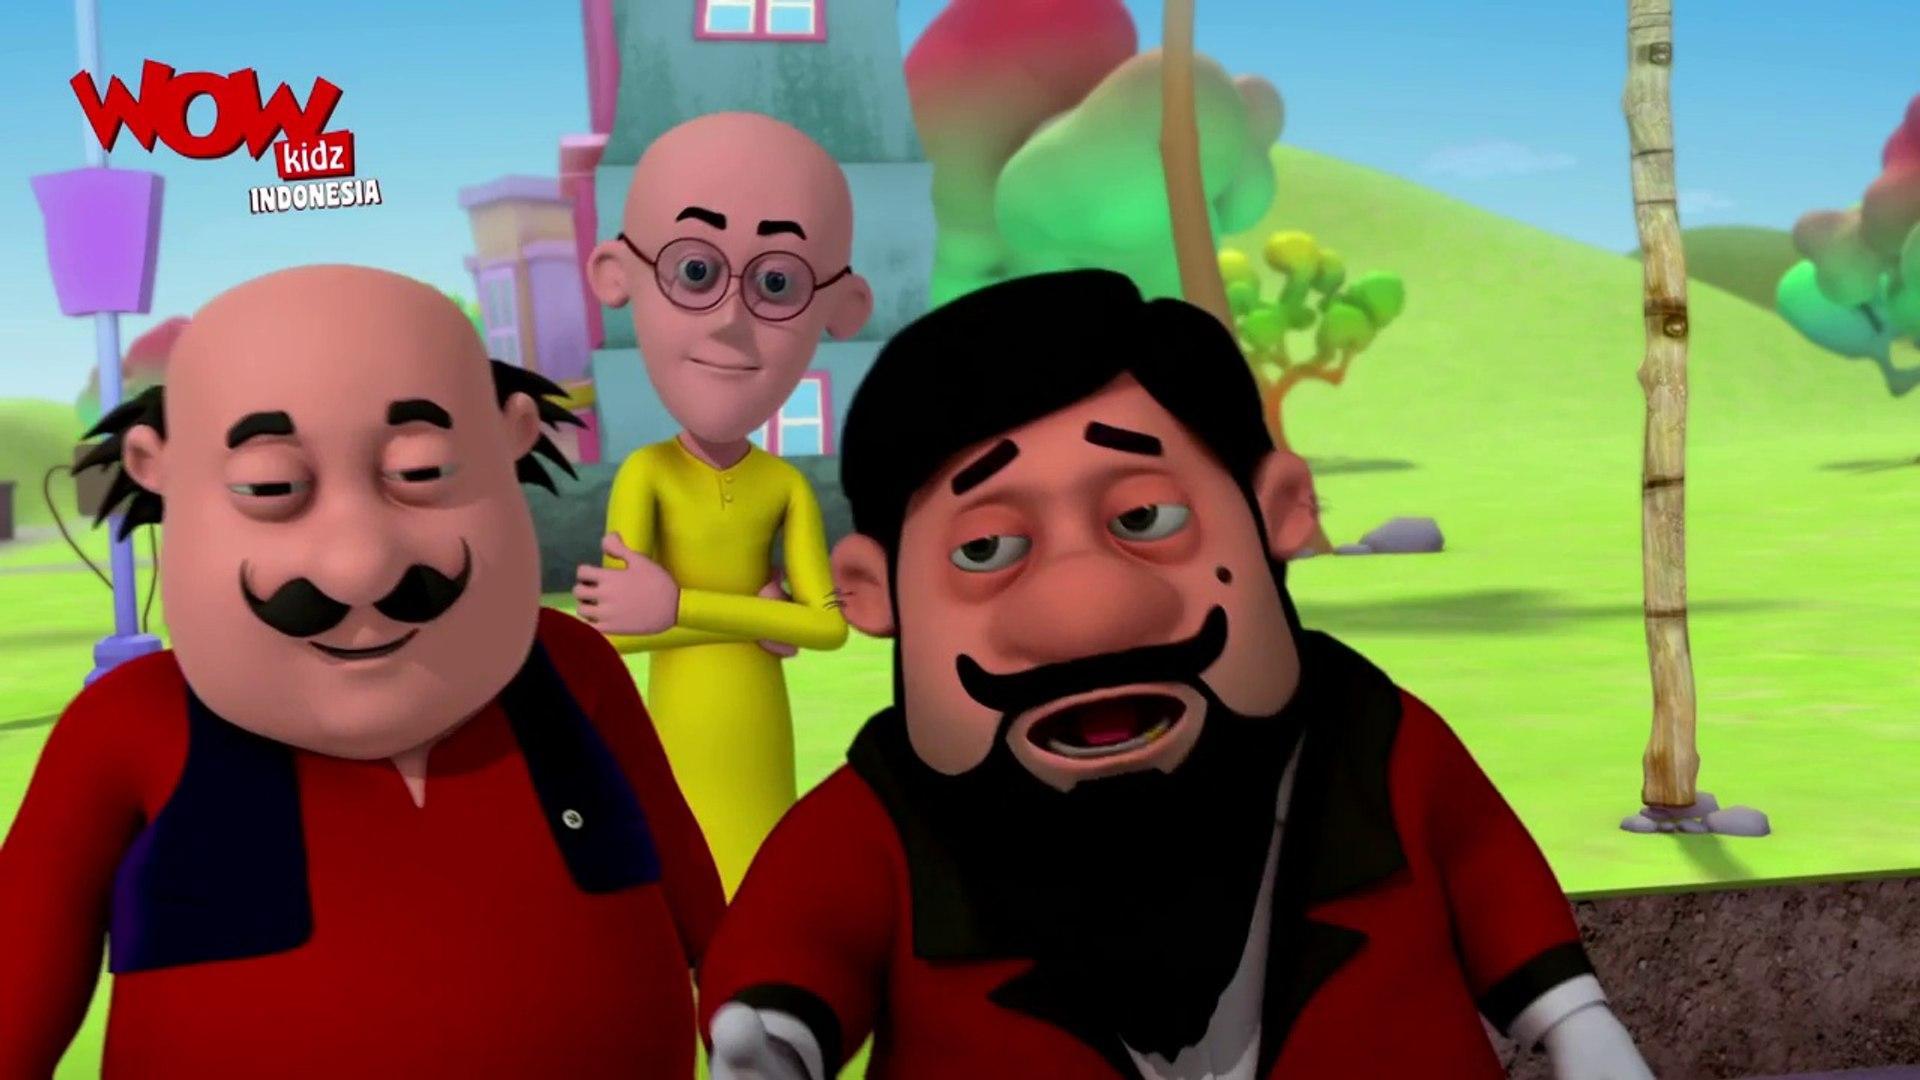 John Si Pemain Sirkus - Motu Patlu dalam - Animasi 3D Kartun - WowKidz Indonesia